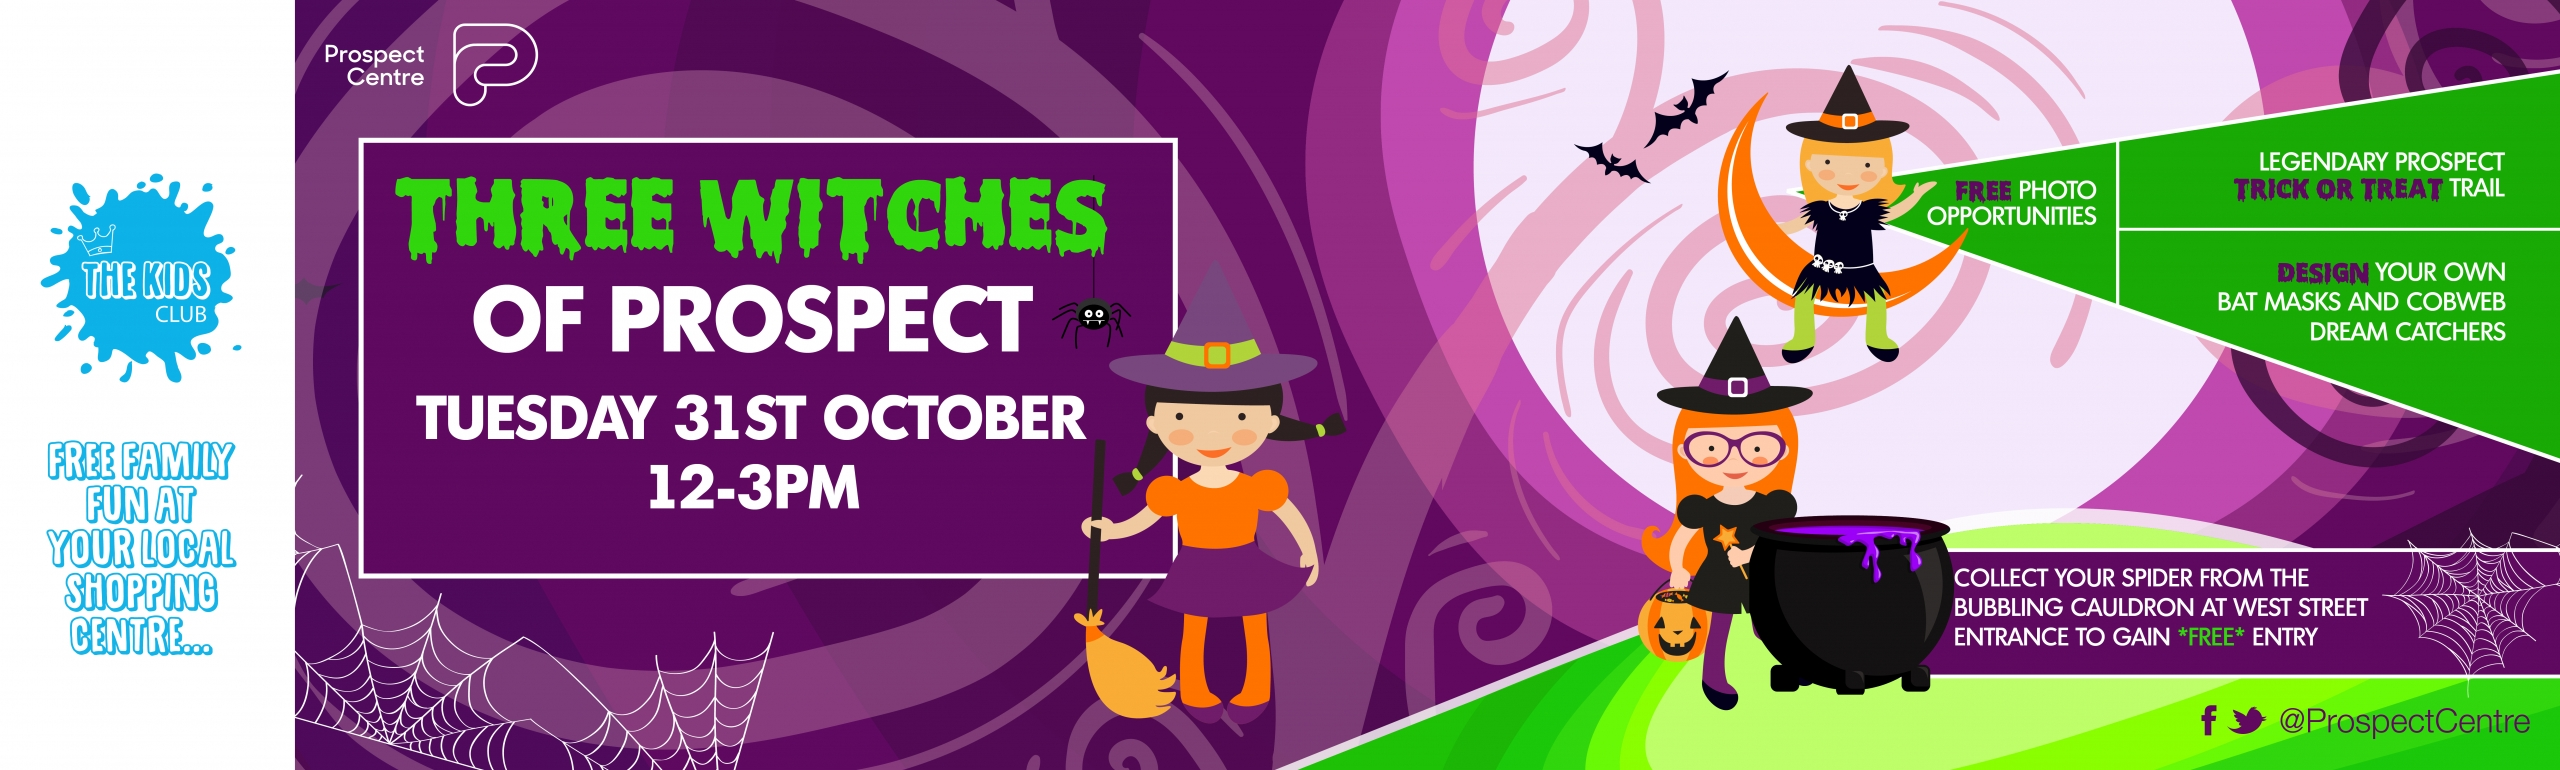 ProspectNewwebsite_Halloween